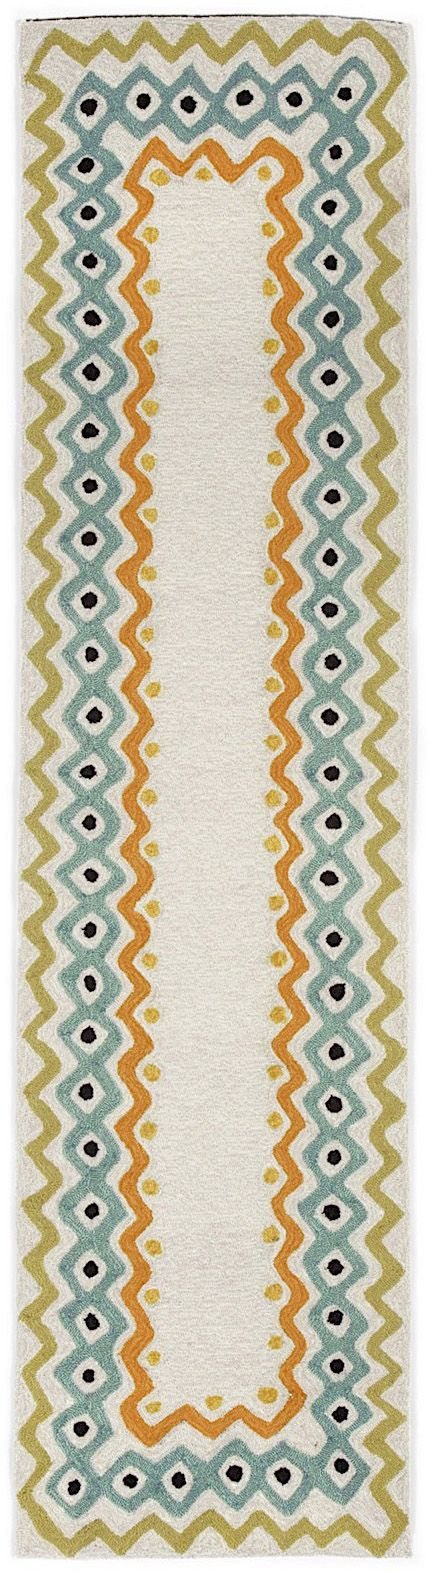 trans ocean capri contemporary area rug collection